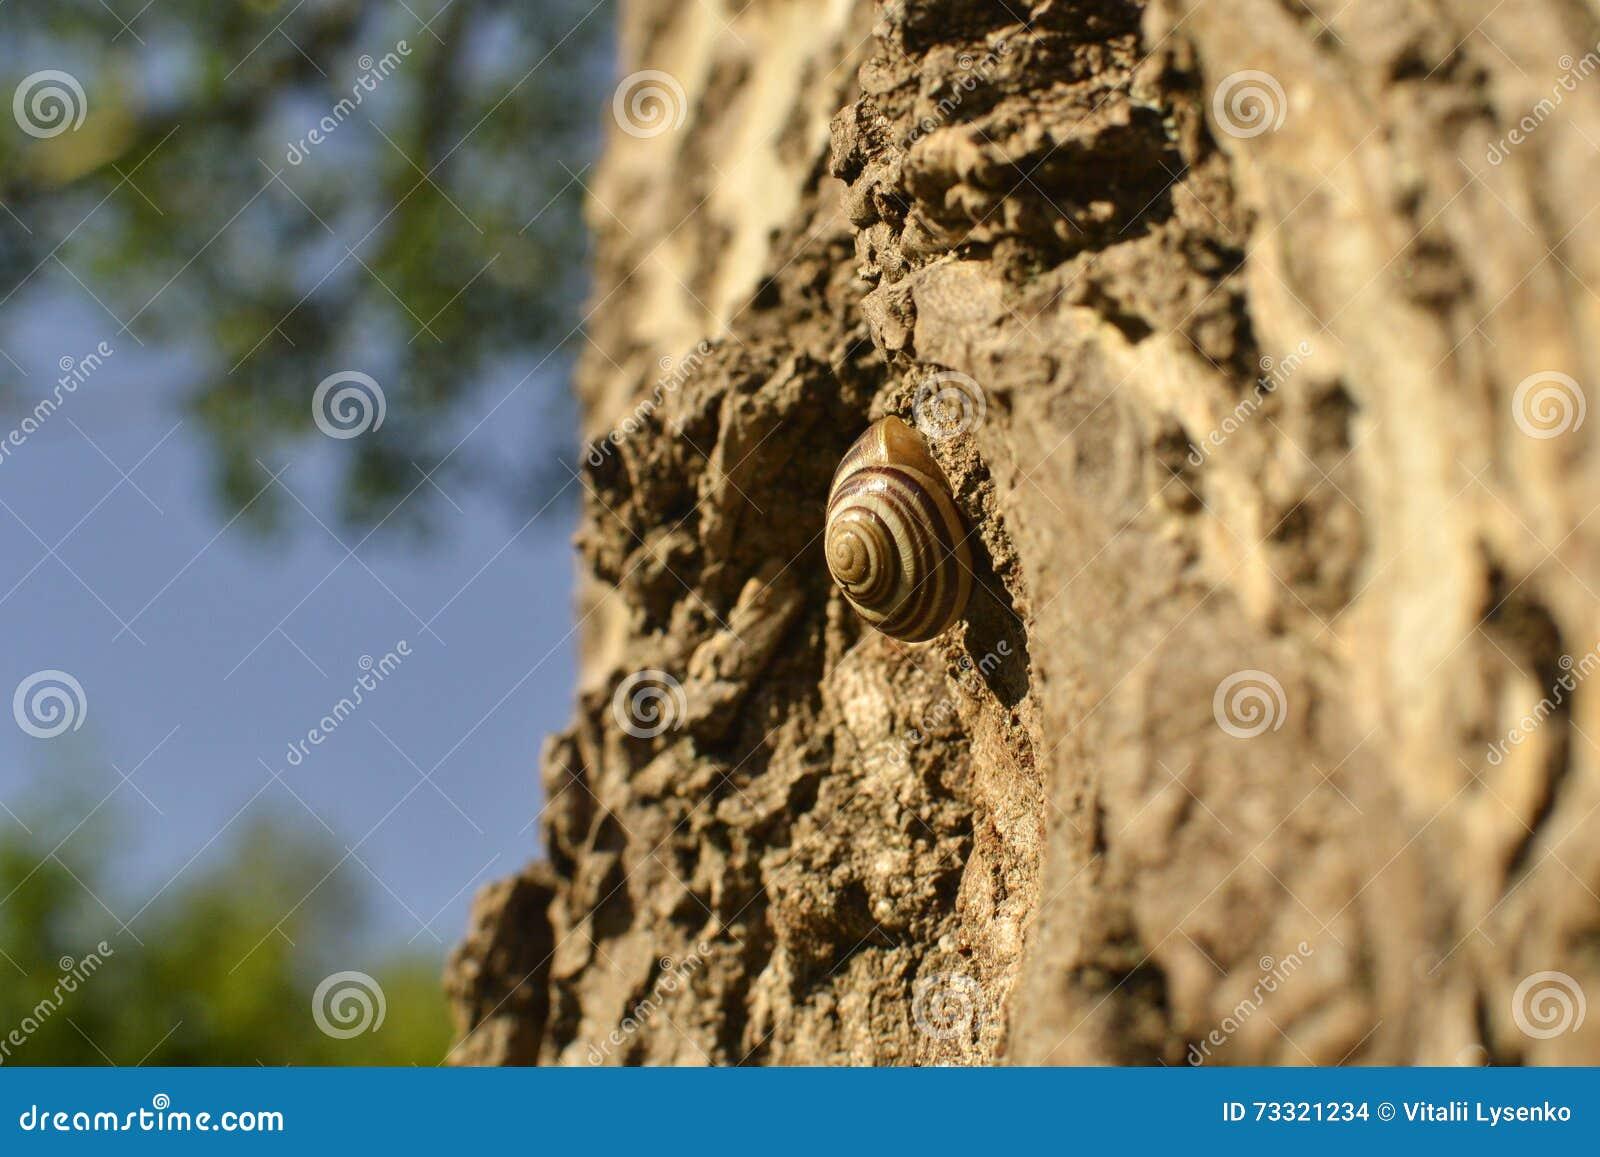 Escargot rampant sur l écorce d un arbre